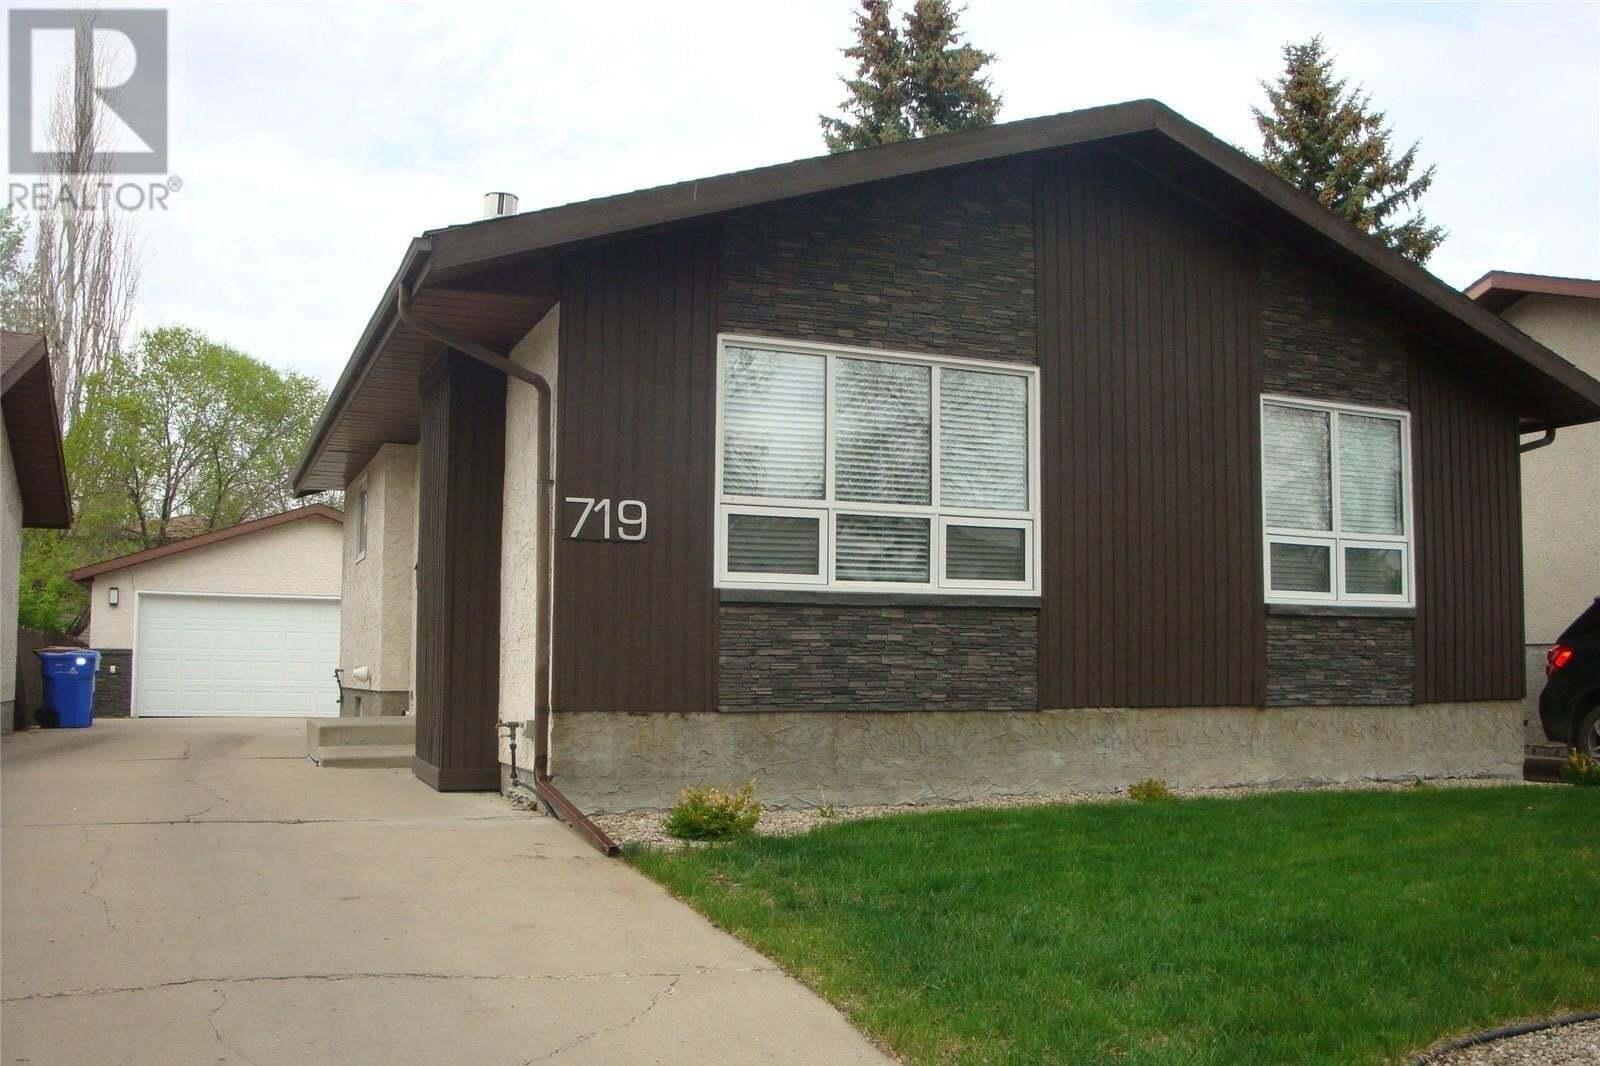 House for sale at 719 Bard Cres Regina Saskatchewan - MLS: SK809693